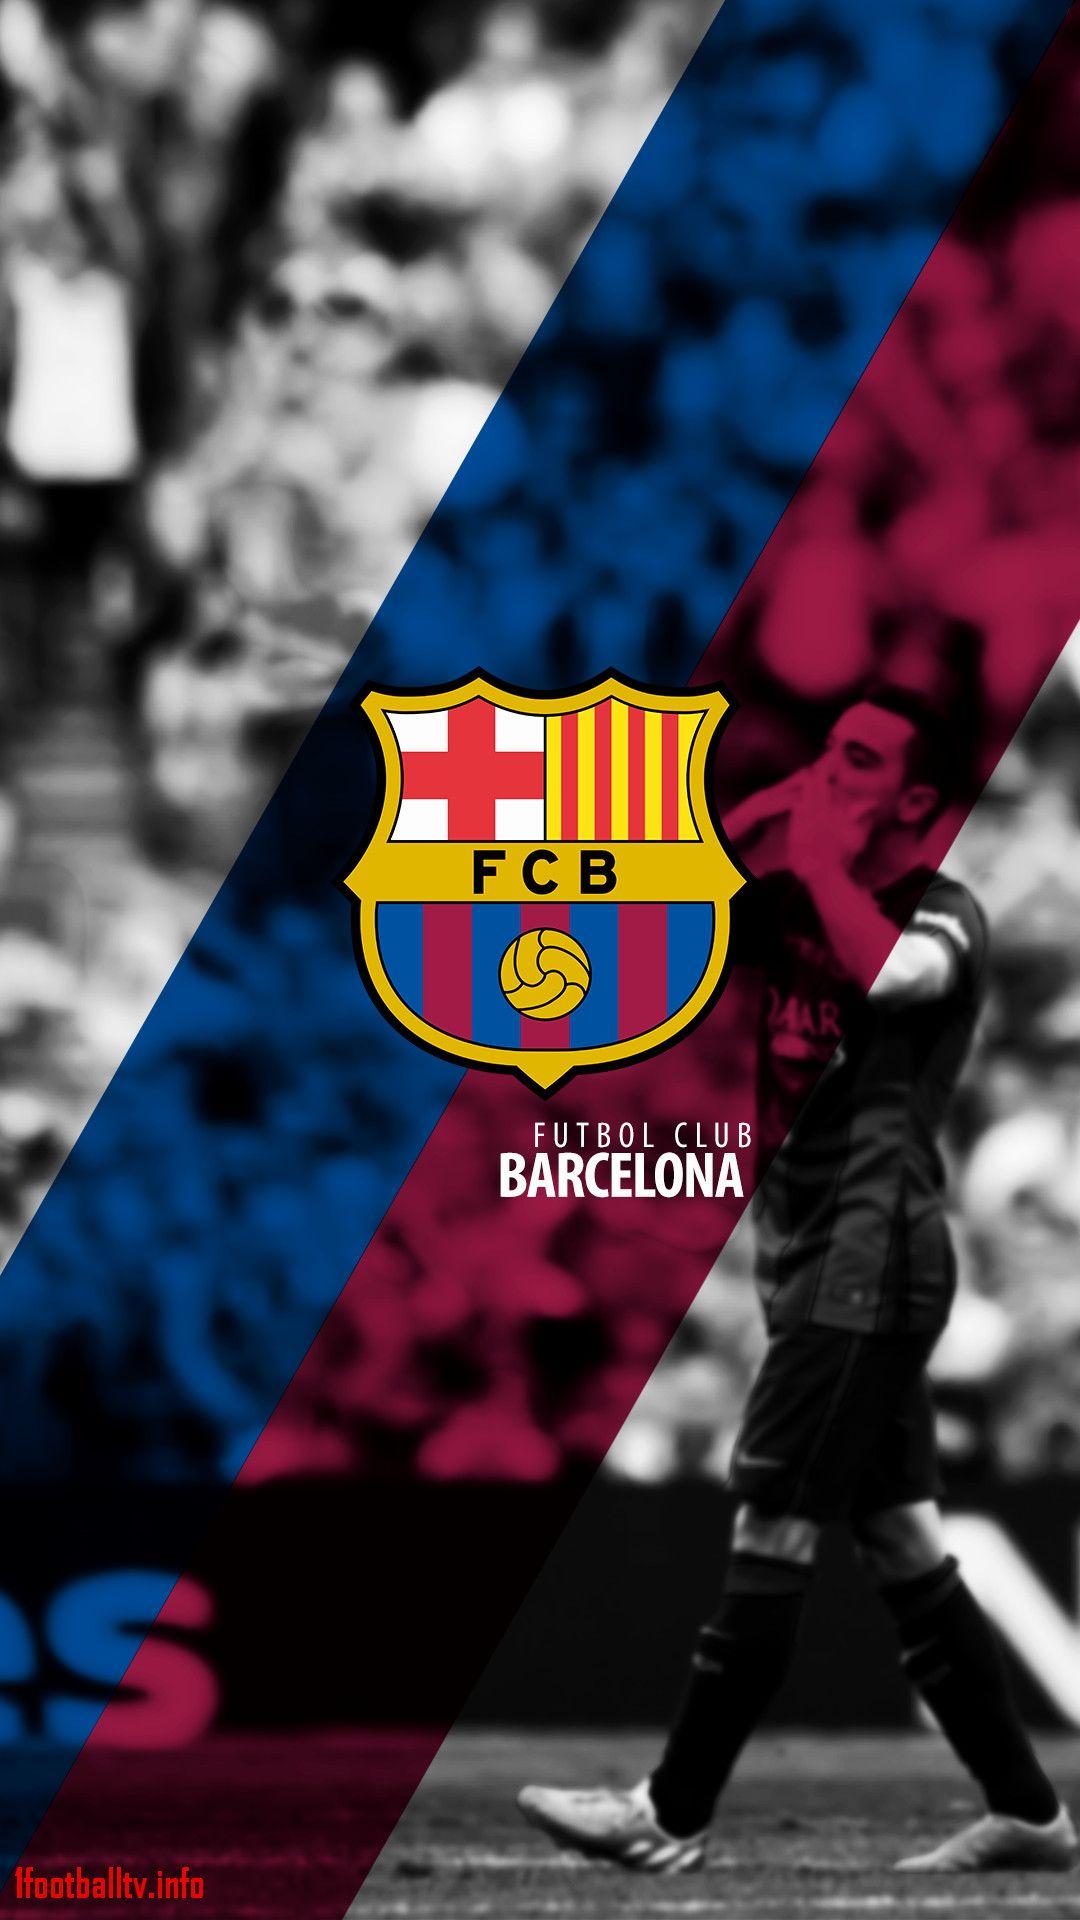 Fcバルセロナ Fcバルセロナ サッカーの壁紙 バルセロナ